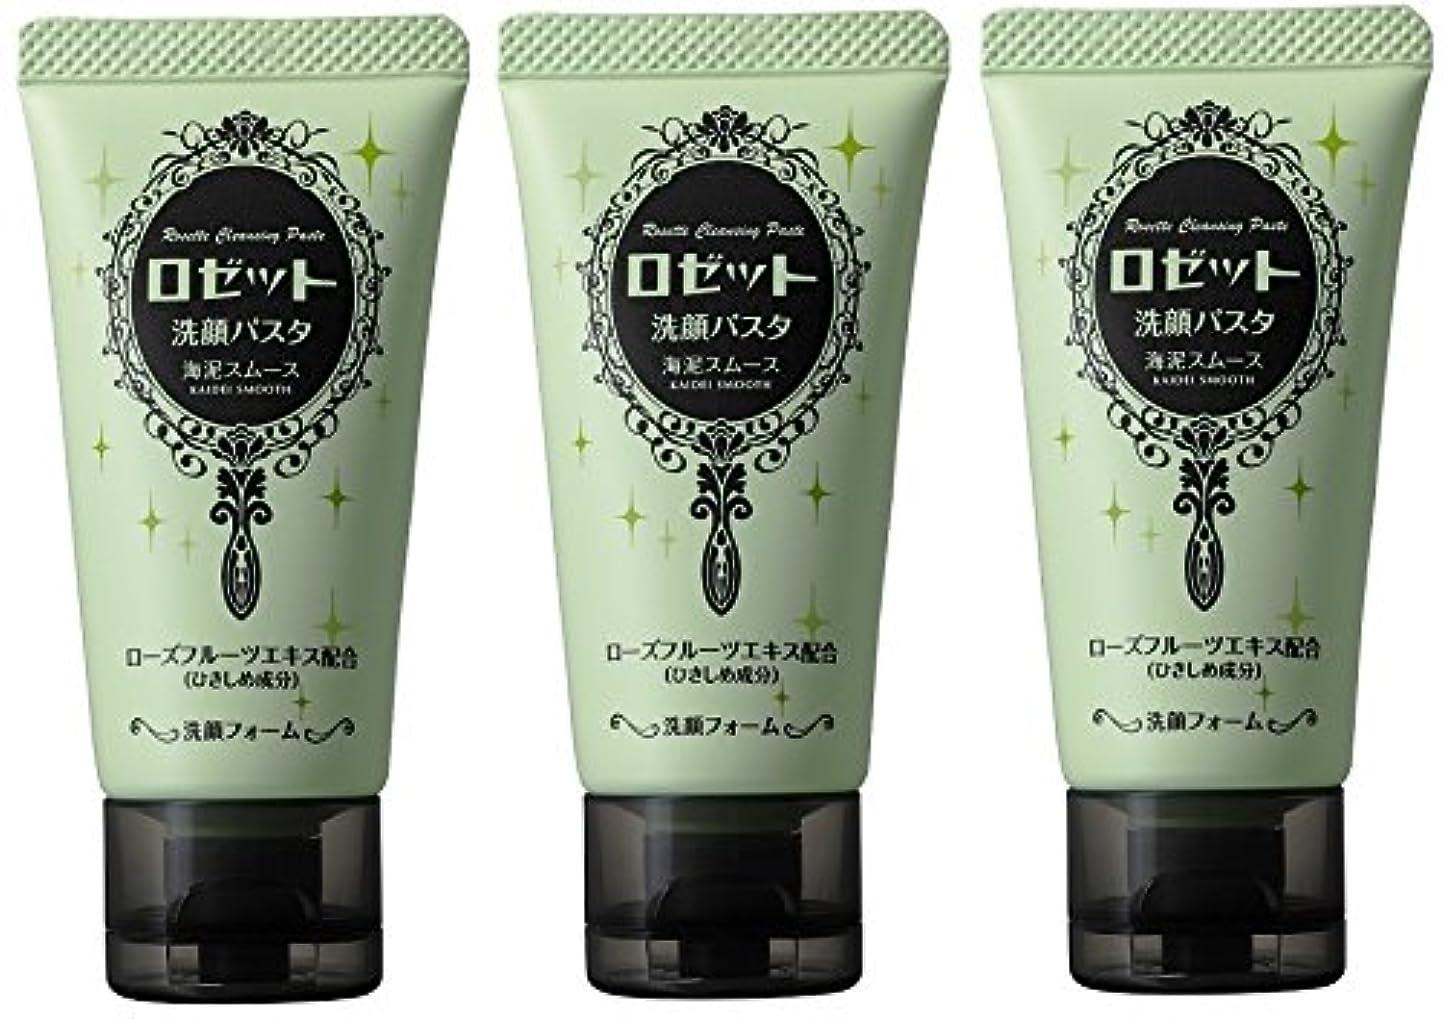 【まとめ買い】ロゼット 洗顔パスタ海泥スムースミニ 30g×3個